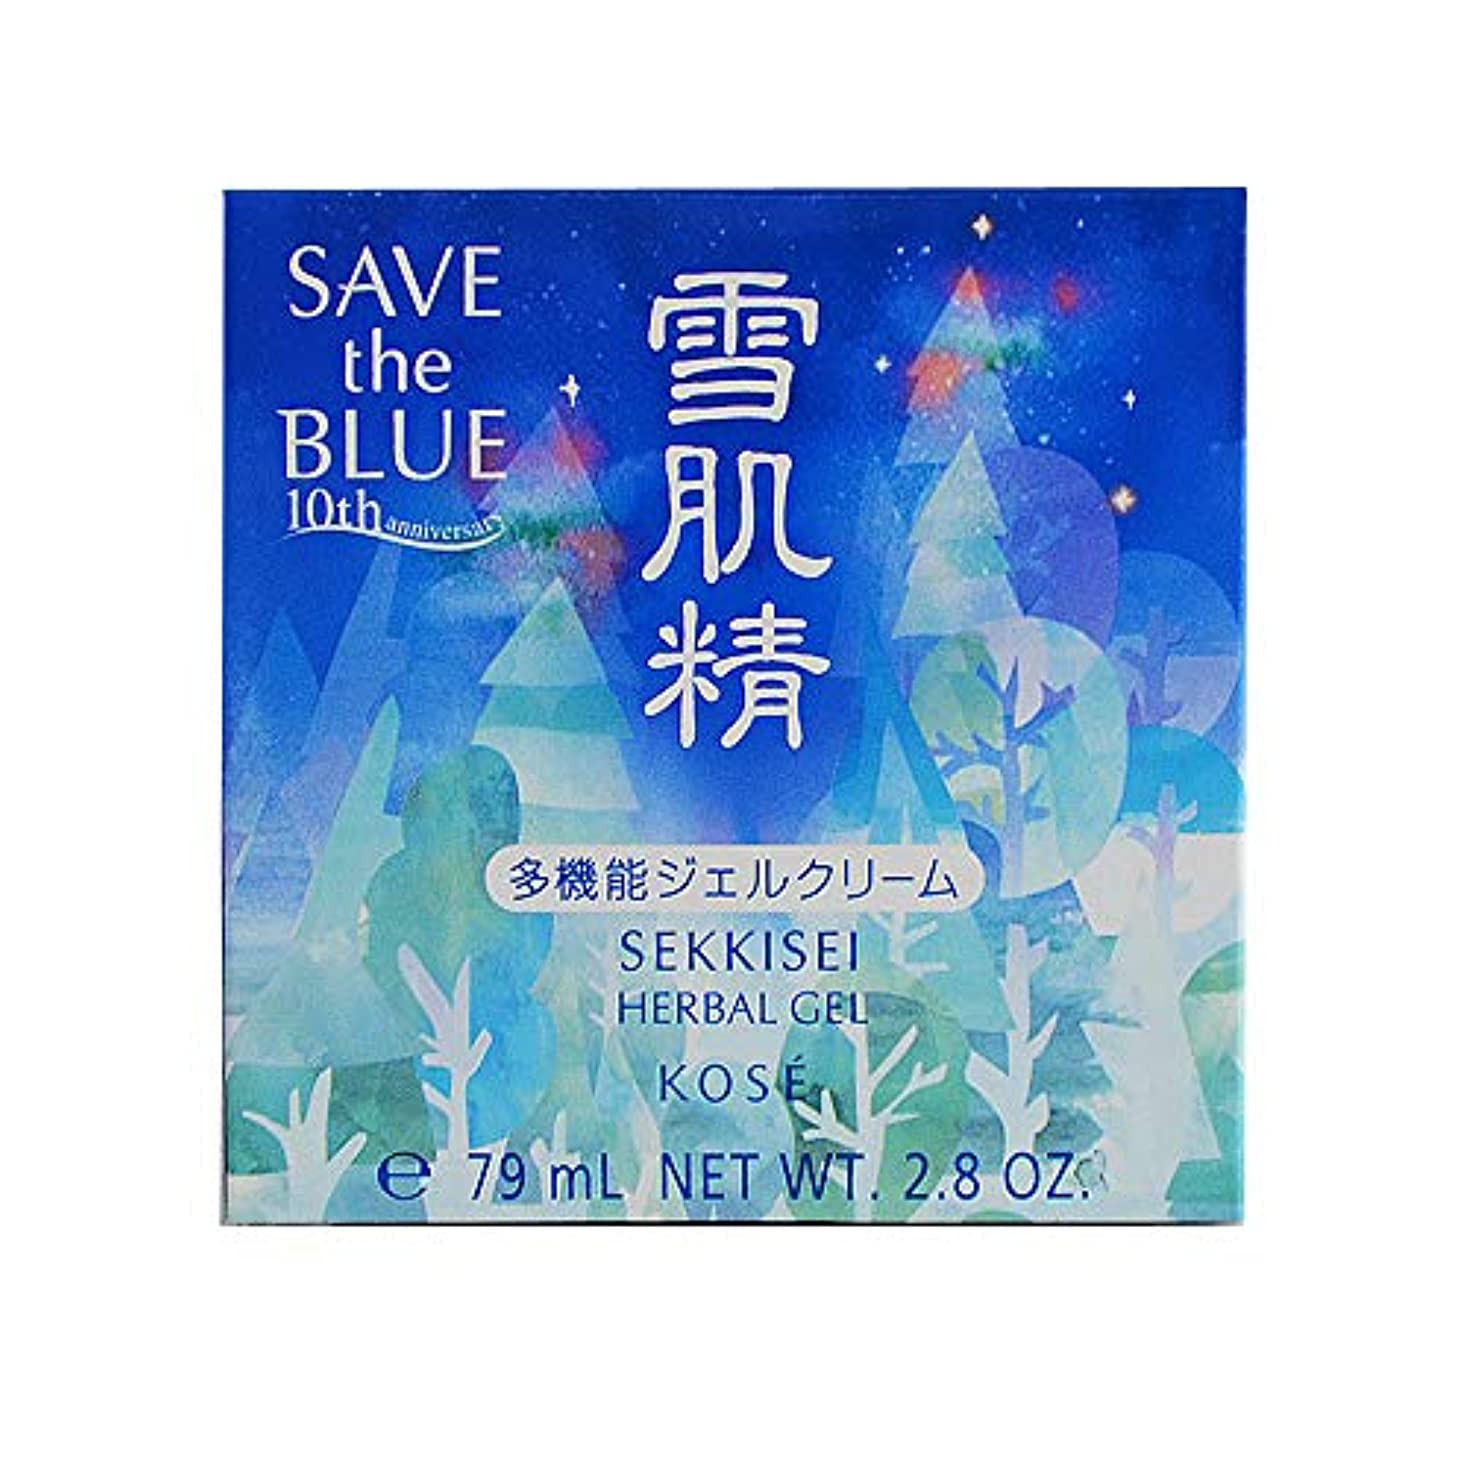 知覚できる彼らフレッシュコーセー 雪肌精 ハーバルジェル 80g (SAVE the BLUE) [ フェイスクリーム ] [並行輸入品]